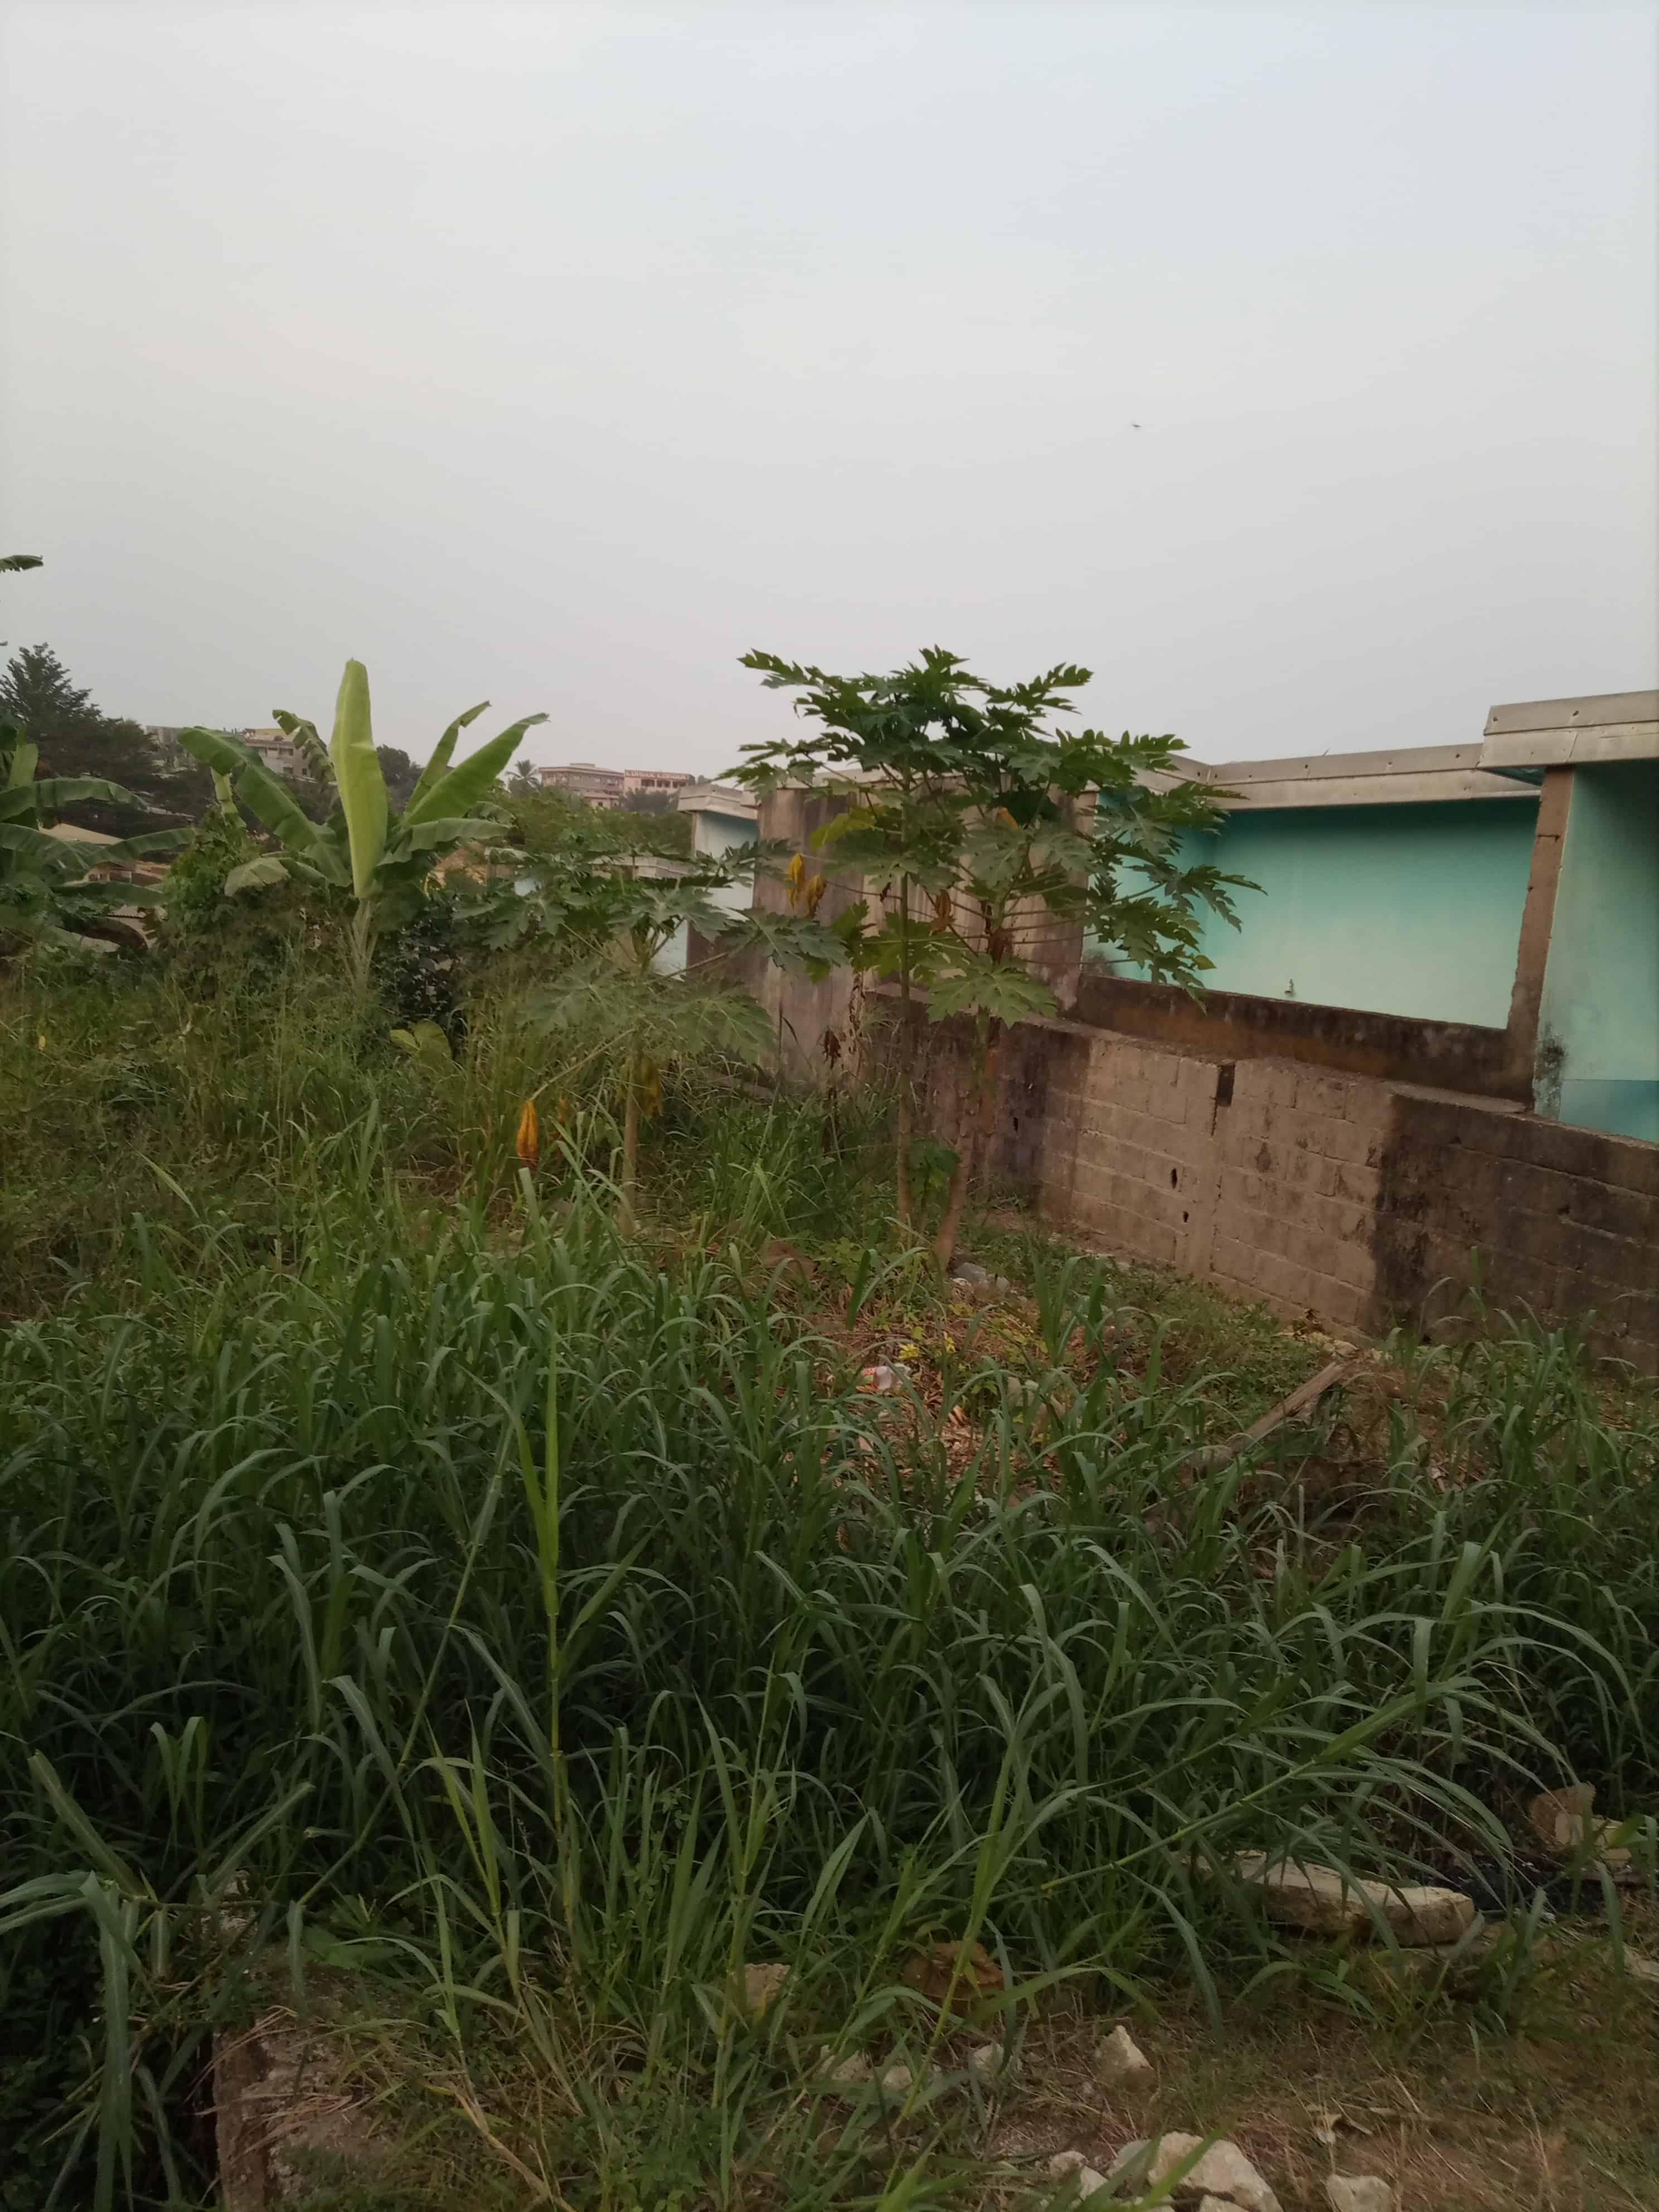 Land for sale at Douala, PK 11, C'est a pk12 - 791 m2 - 27 685 000 FCFA